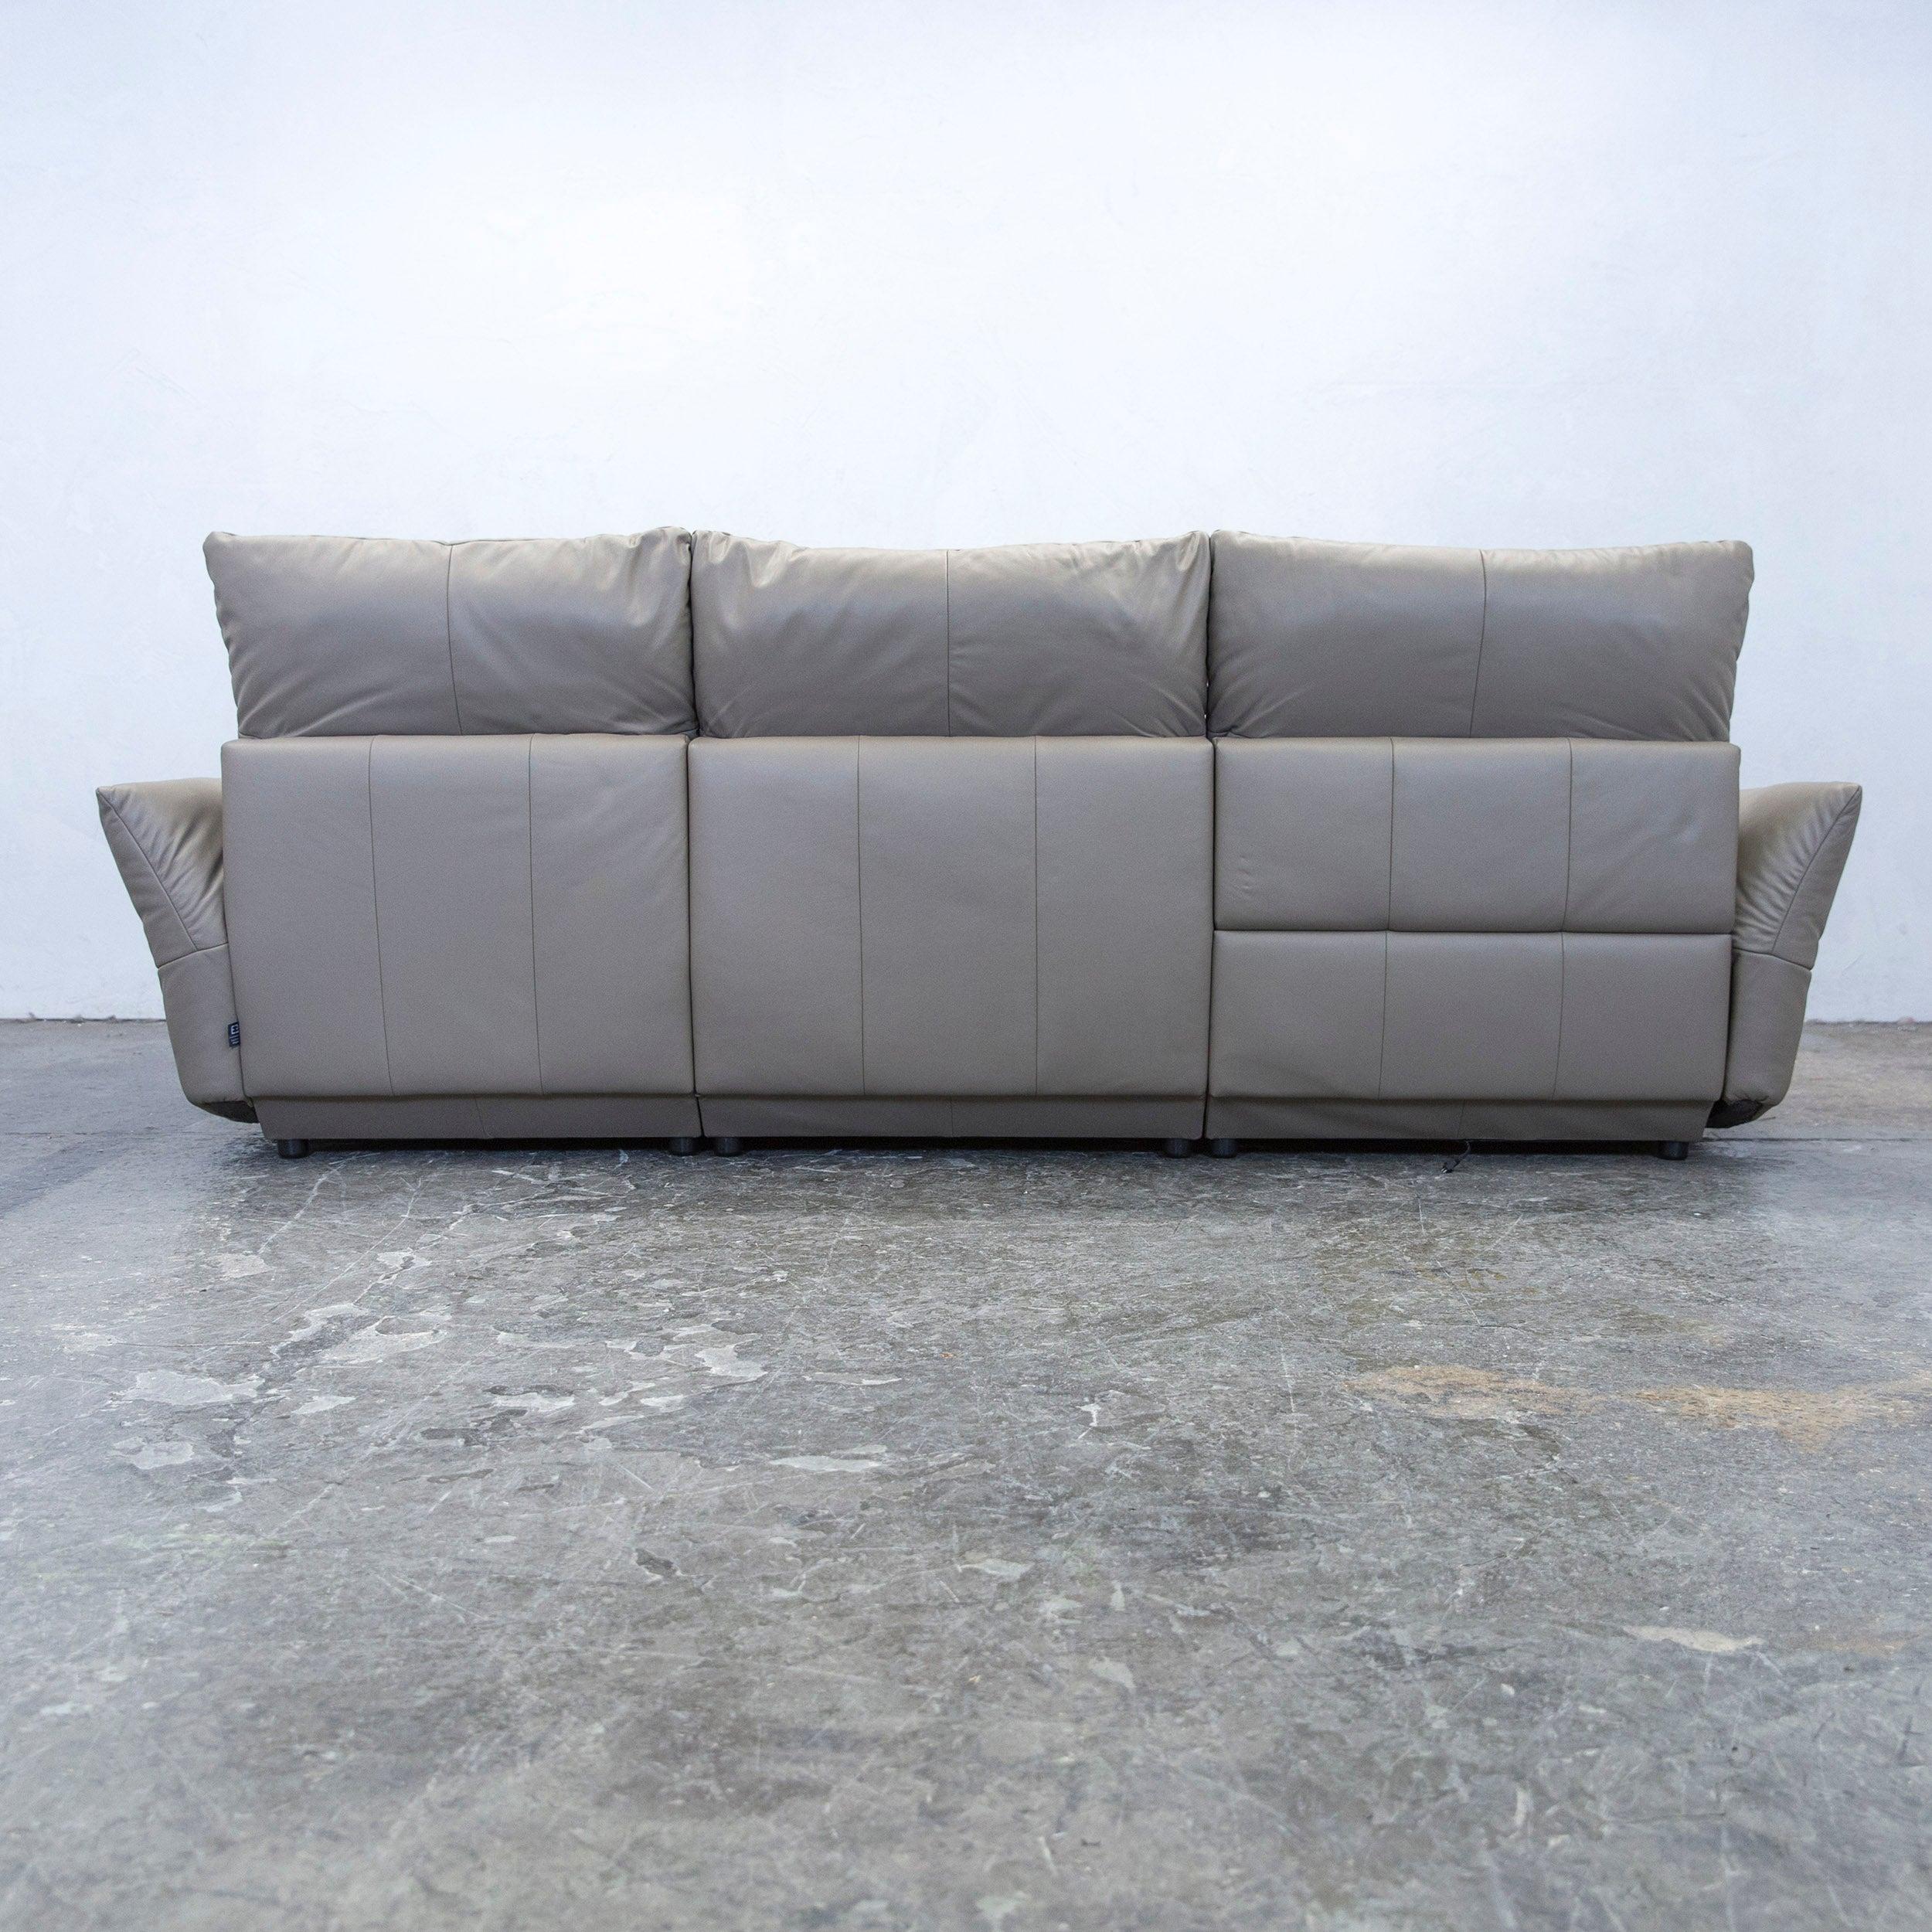 Beeindruckend Sofa Und Sessel Foto Von Ewald Schillig Designer Corner Leather Brown Crème